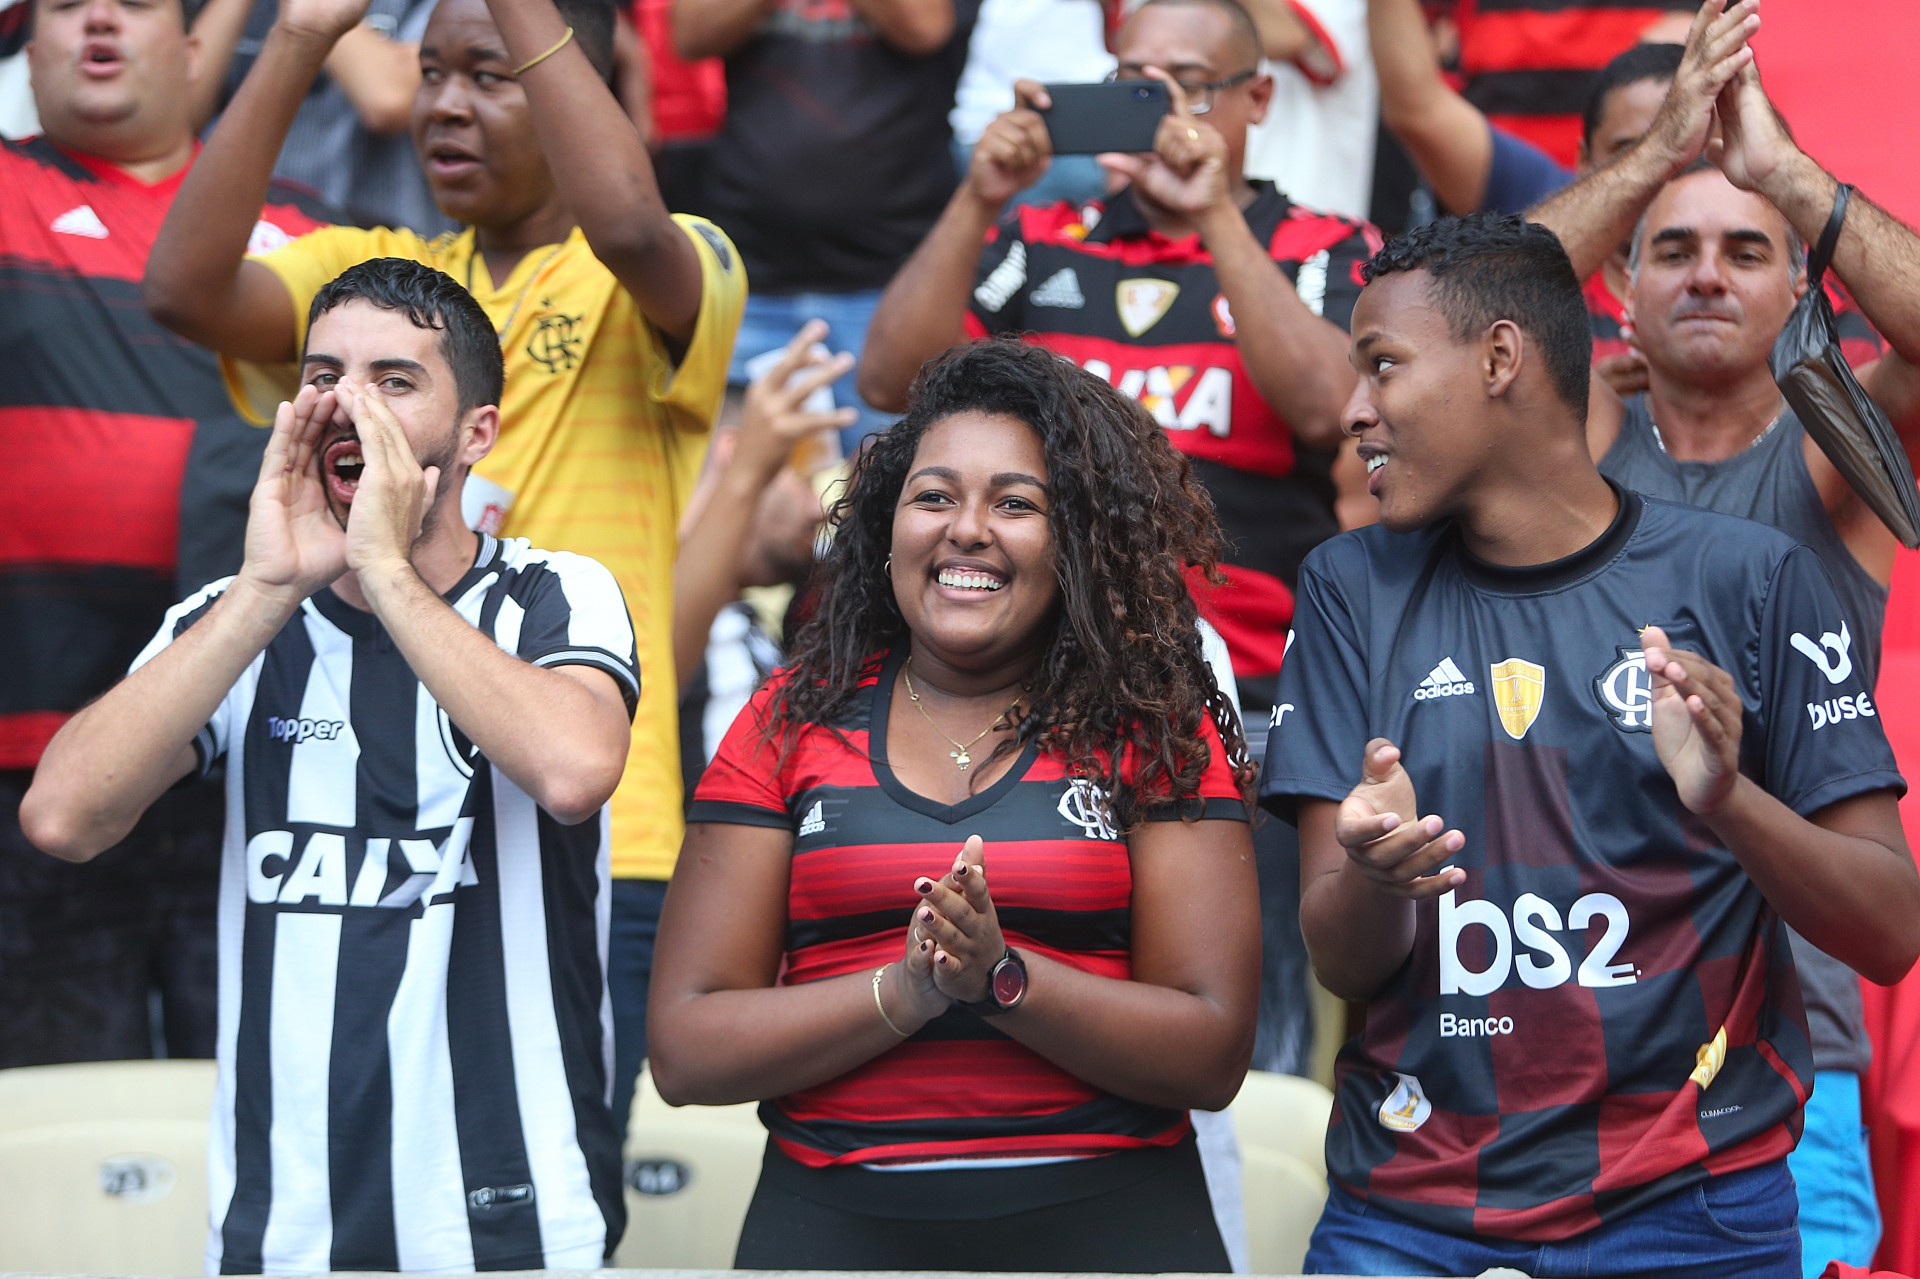 Prefeitura do Rio deve liberar 35% de público nos estádios a partir do dia 15